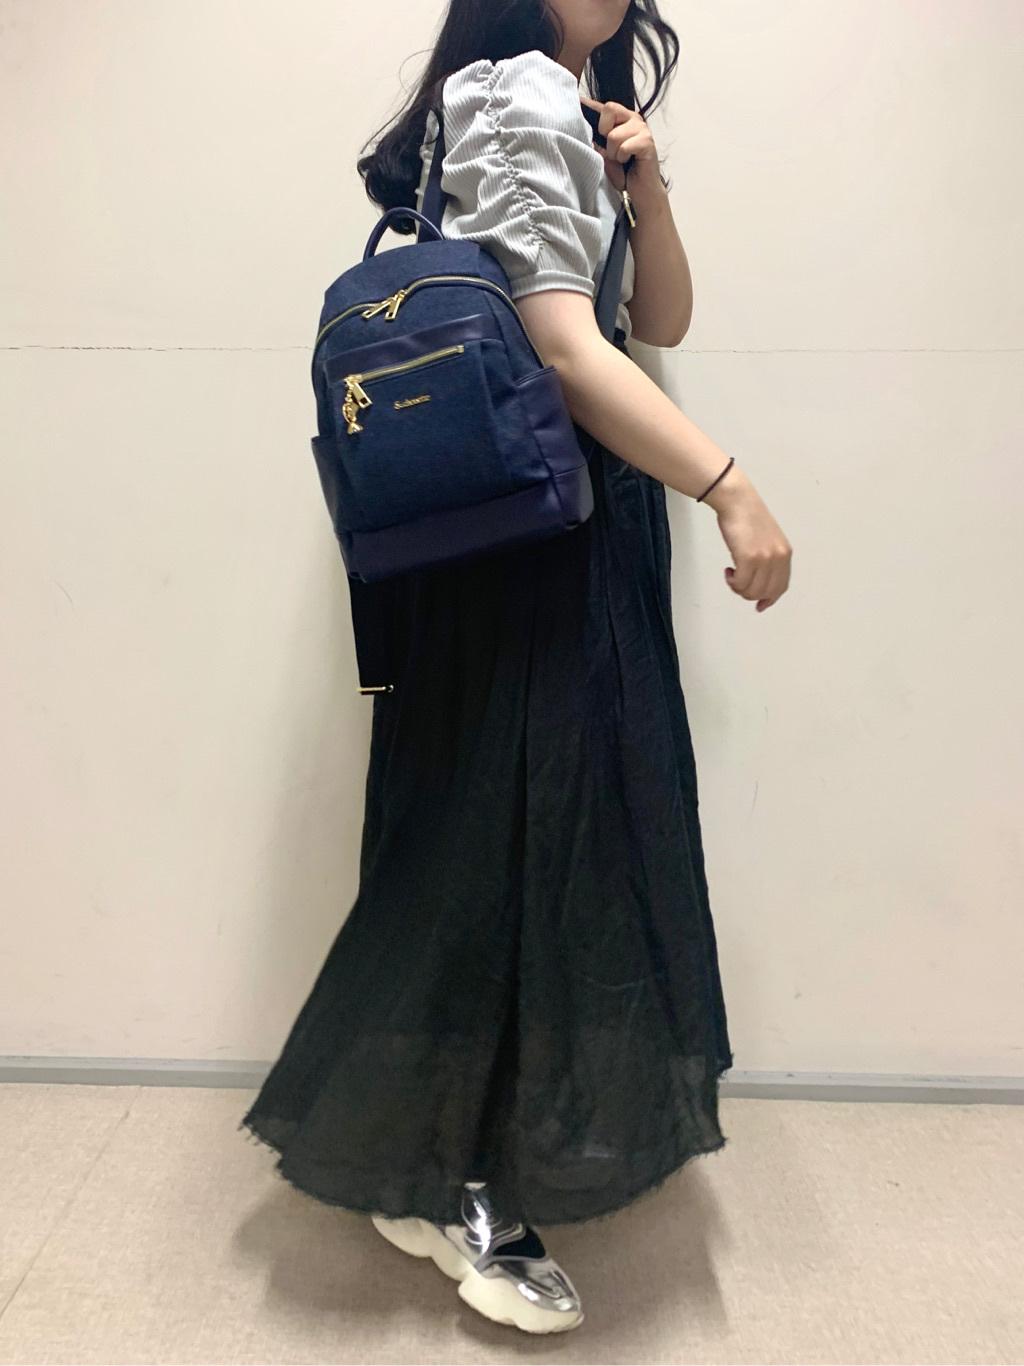 & シュエットギャラリー 四条畷店 kurumi